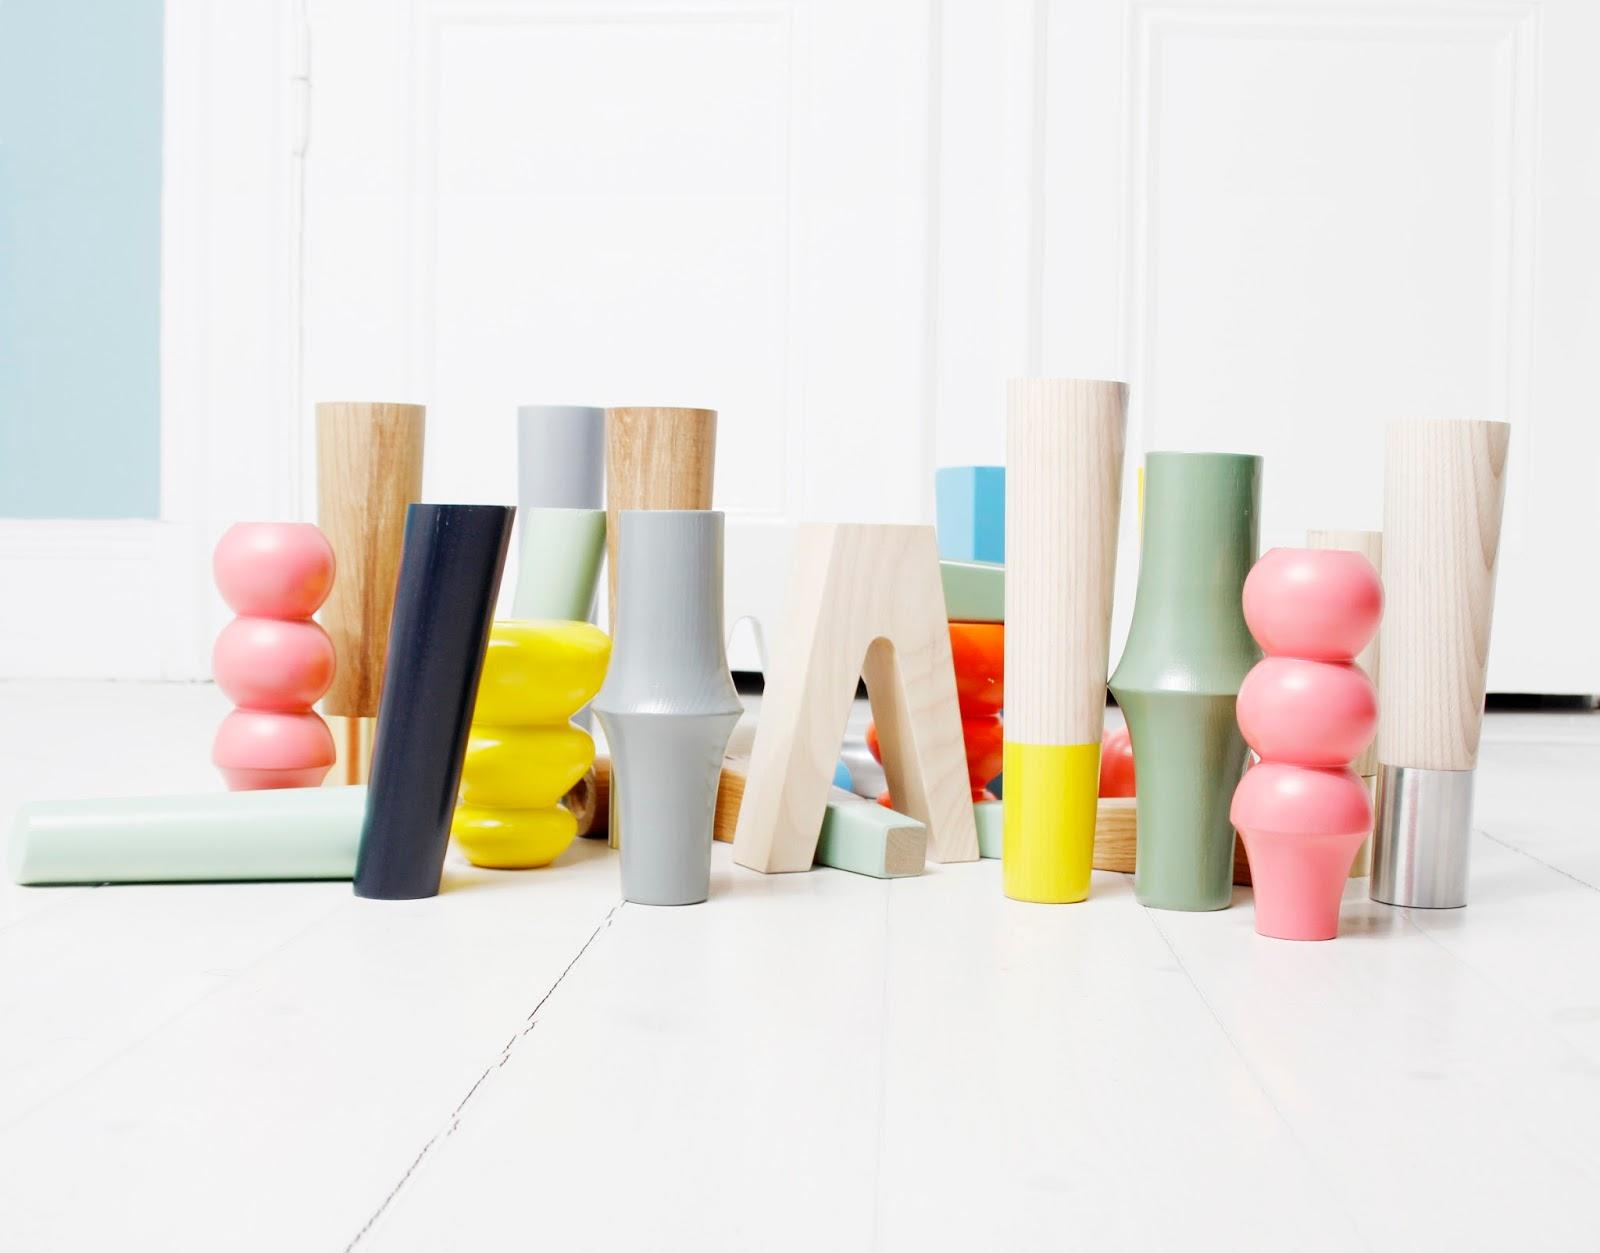 Gambe Per Mobili Ikea personalizzare mobili ikea in modo creativo | arc art blog